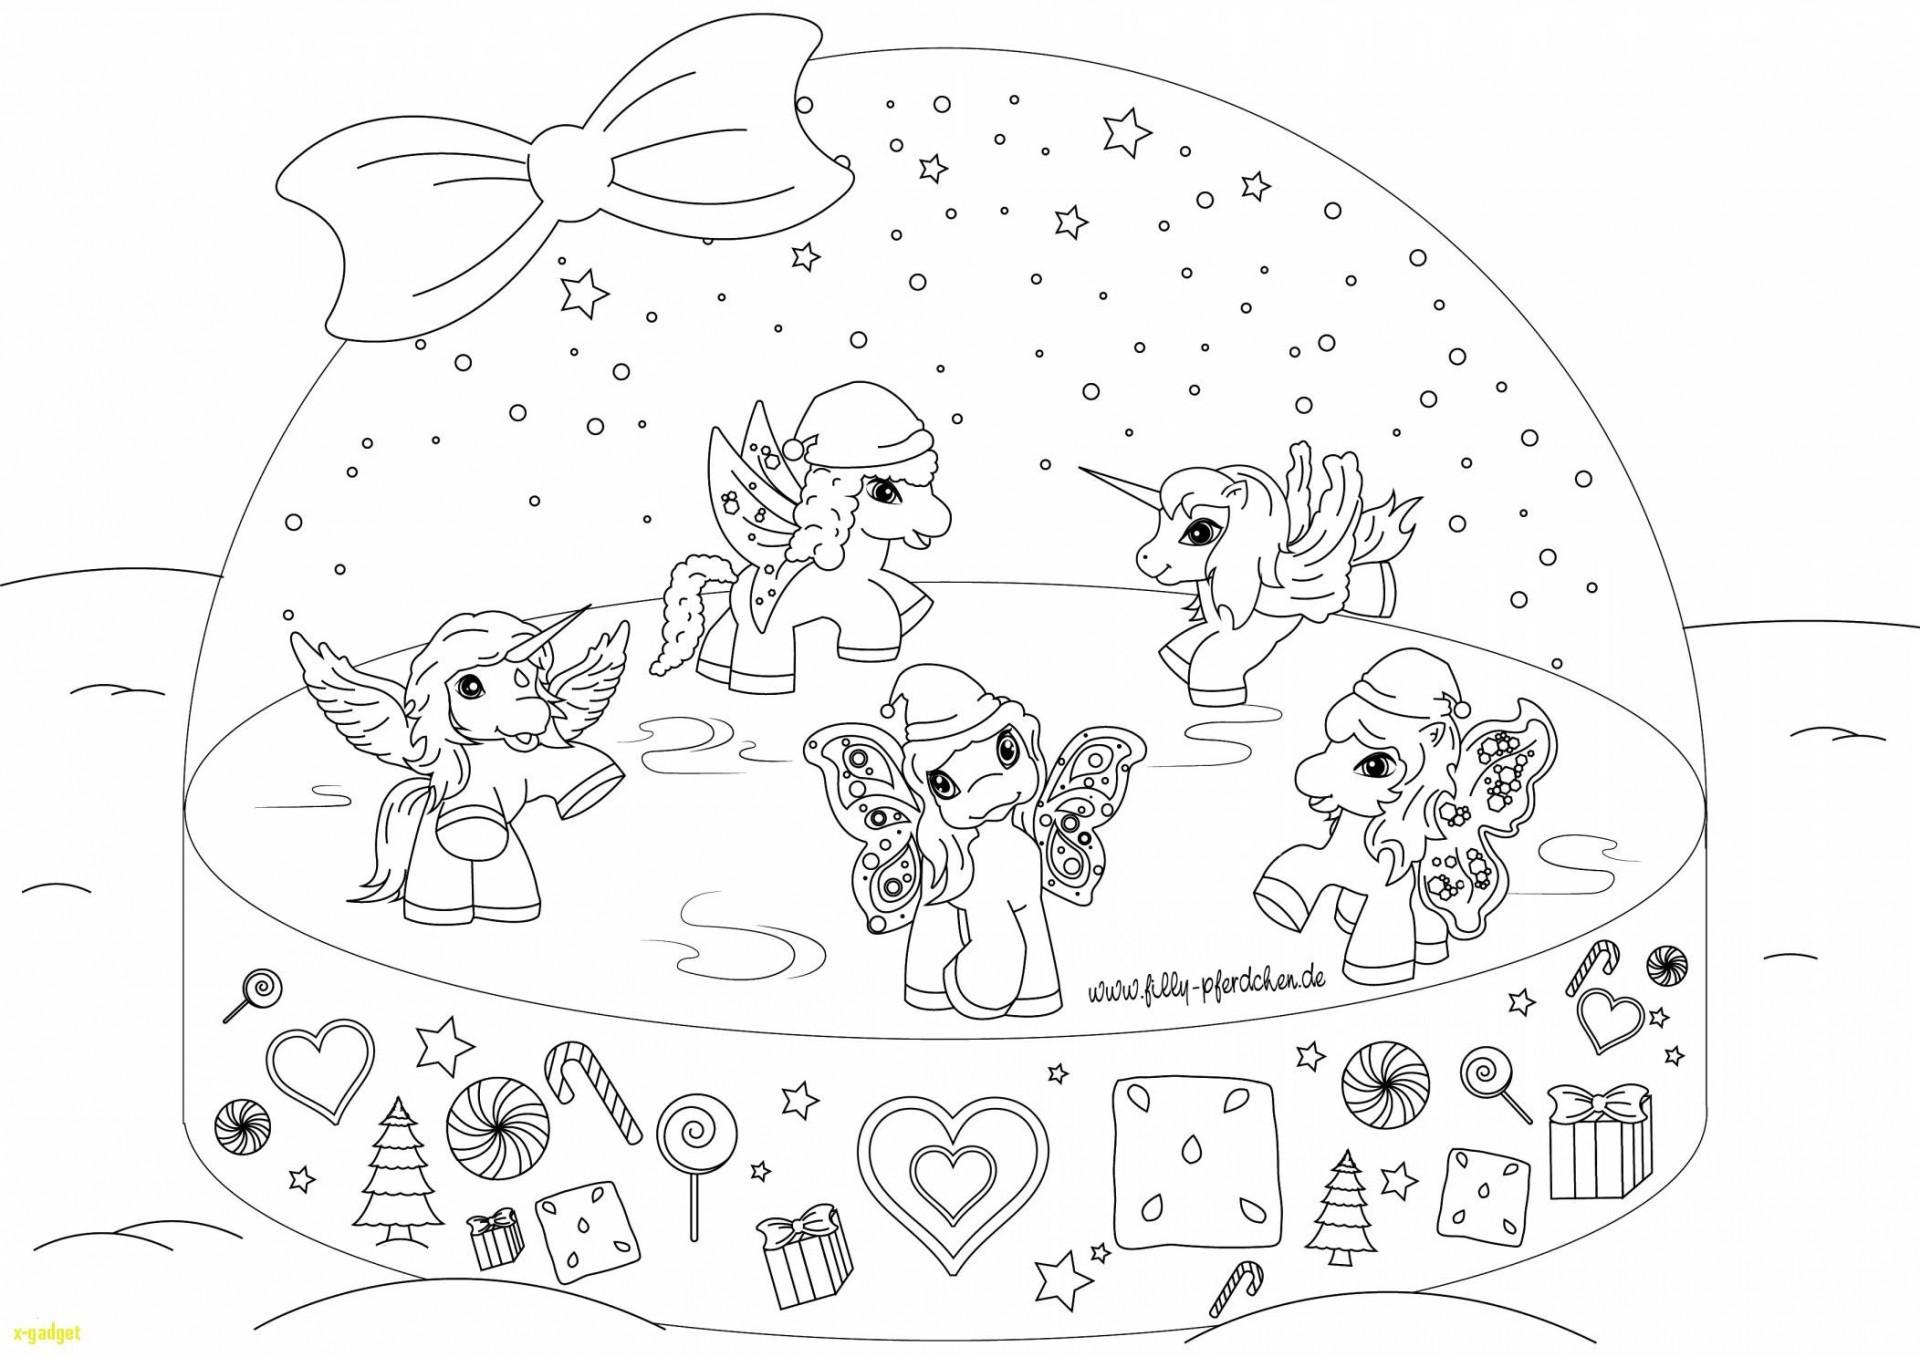 Ausmalbilder Weihnachten Für Kinder Inspirierend Bild Für Kinder Clown Kopf Clipart 9 Inadinaofset Sammlung